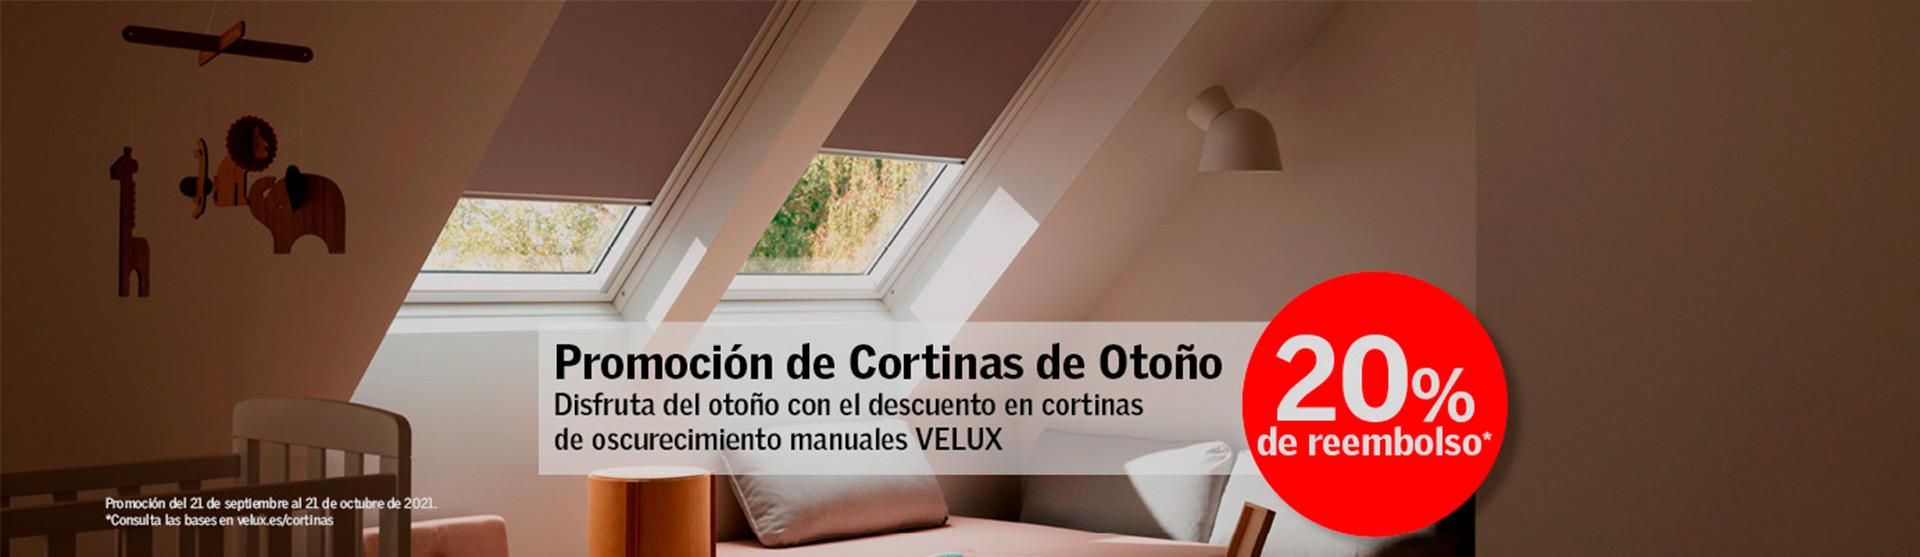 Promoción cortinas VELUX en Madrid